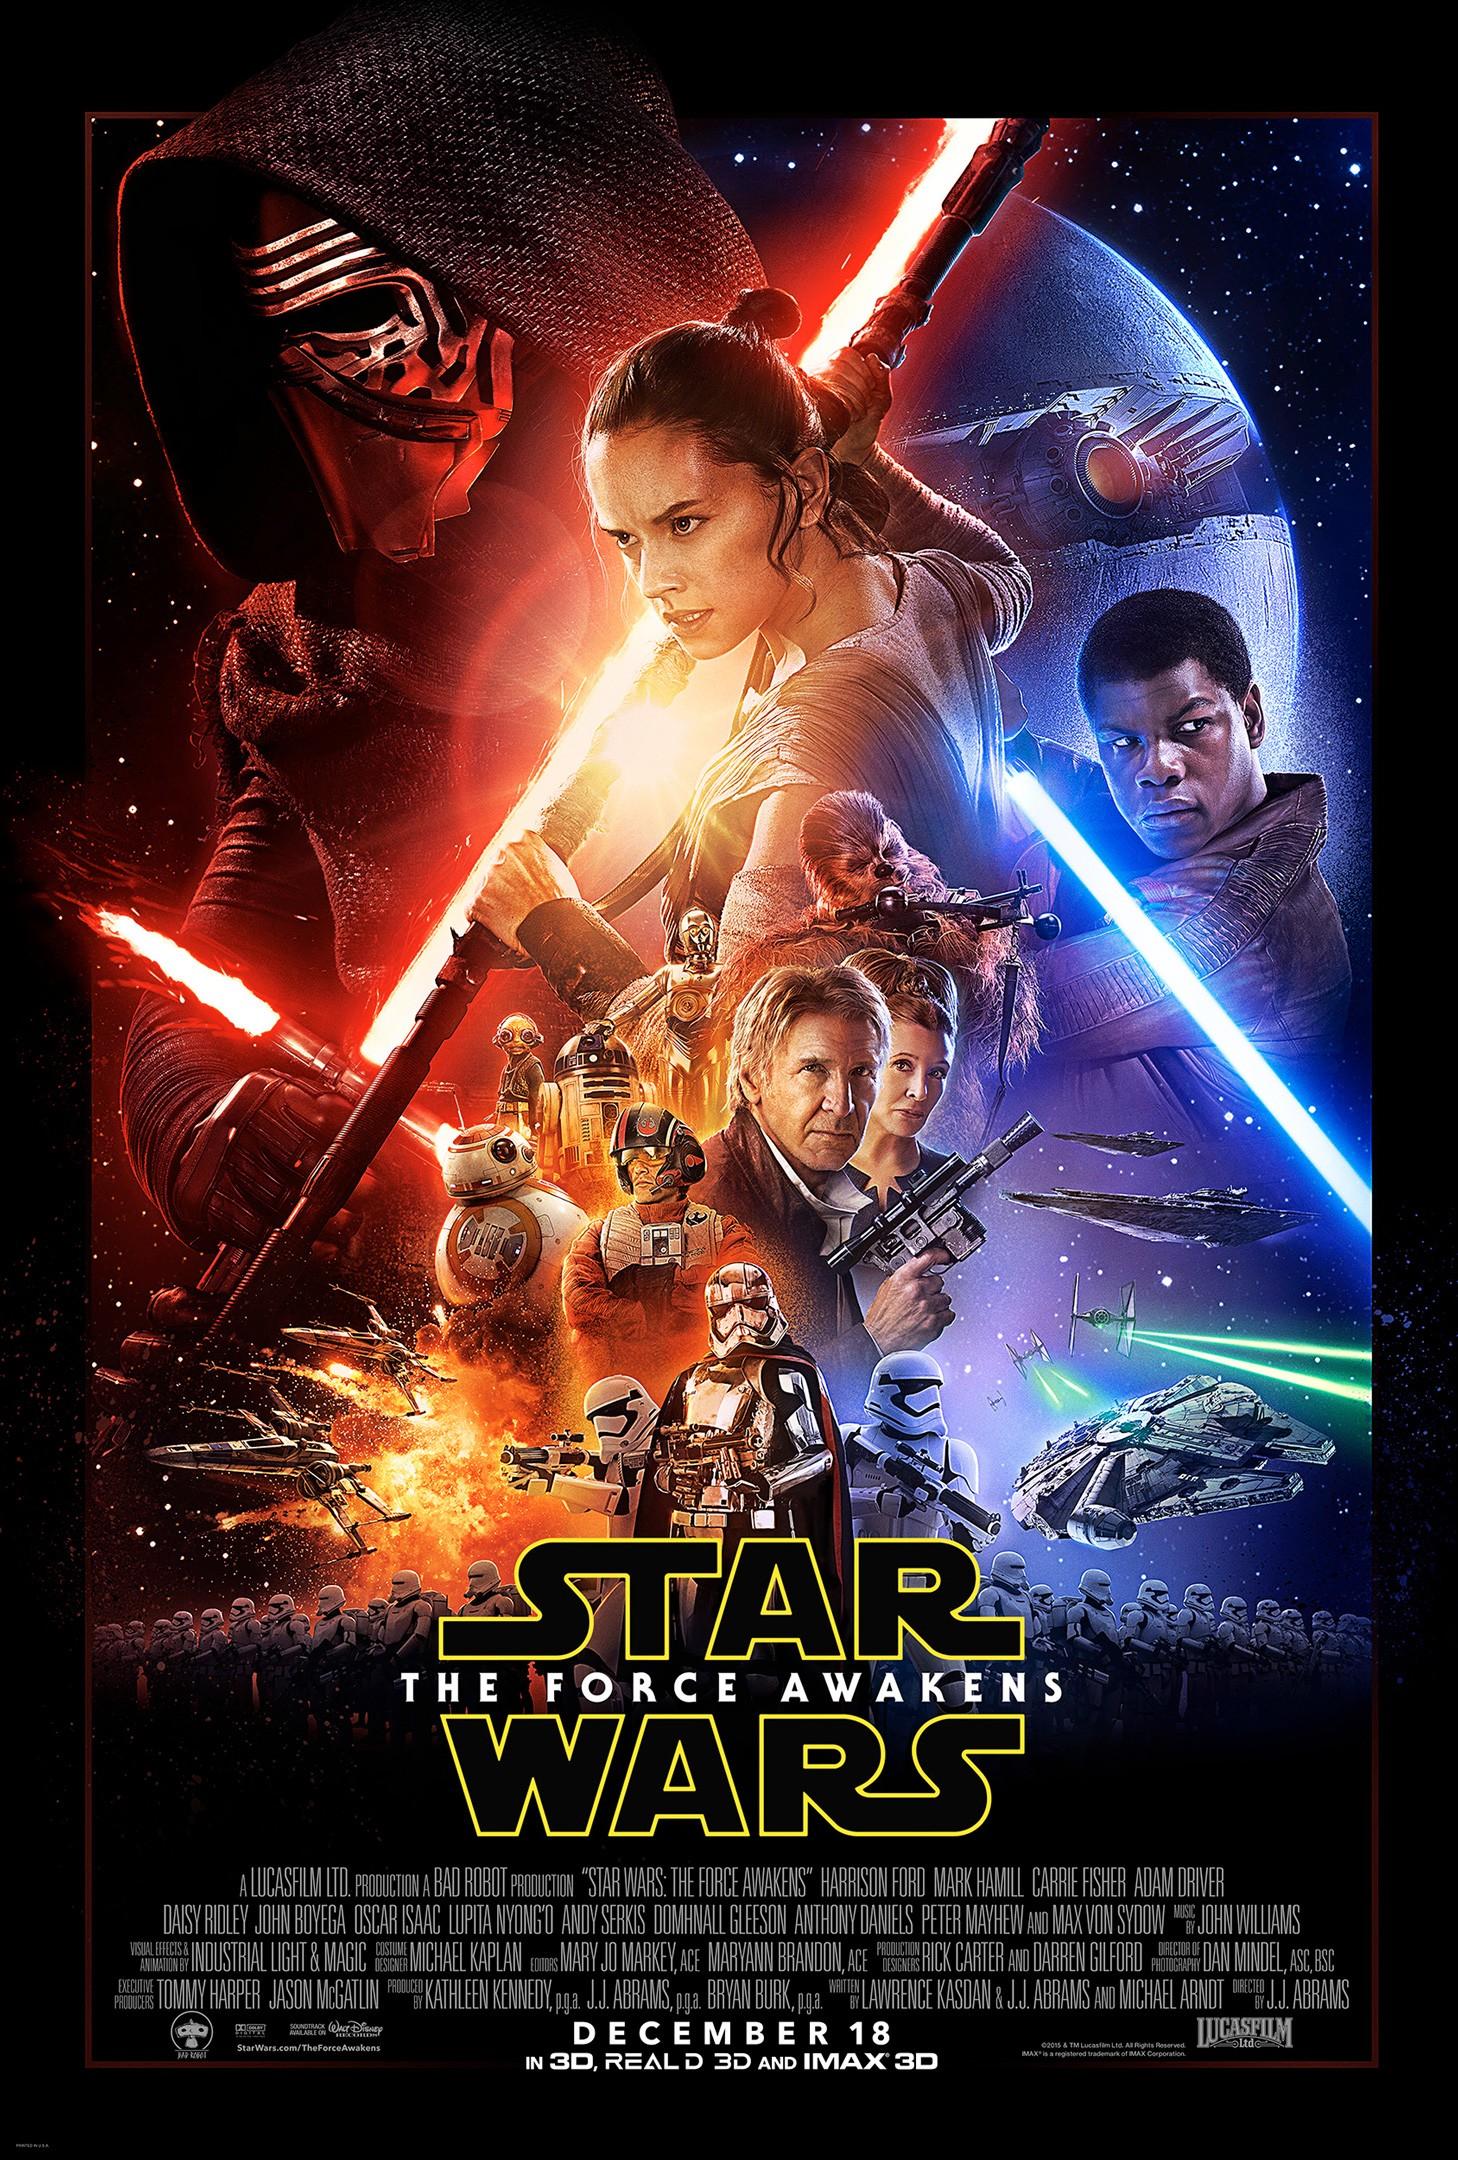 [Lucasfilm] Star Wars : Le Réveil de la Force (2015) - Page 3 Affiche